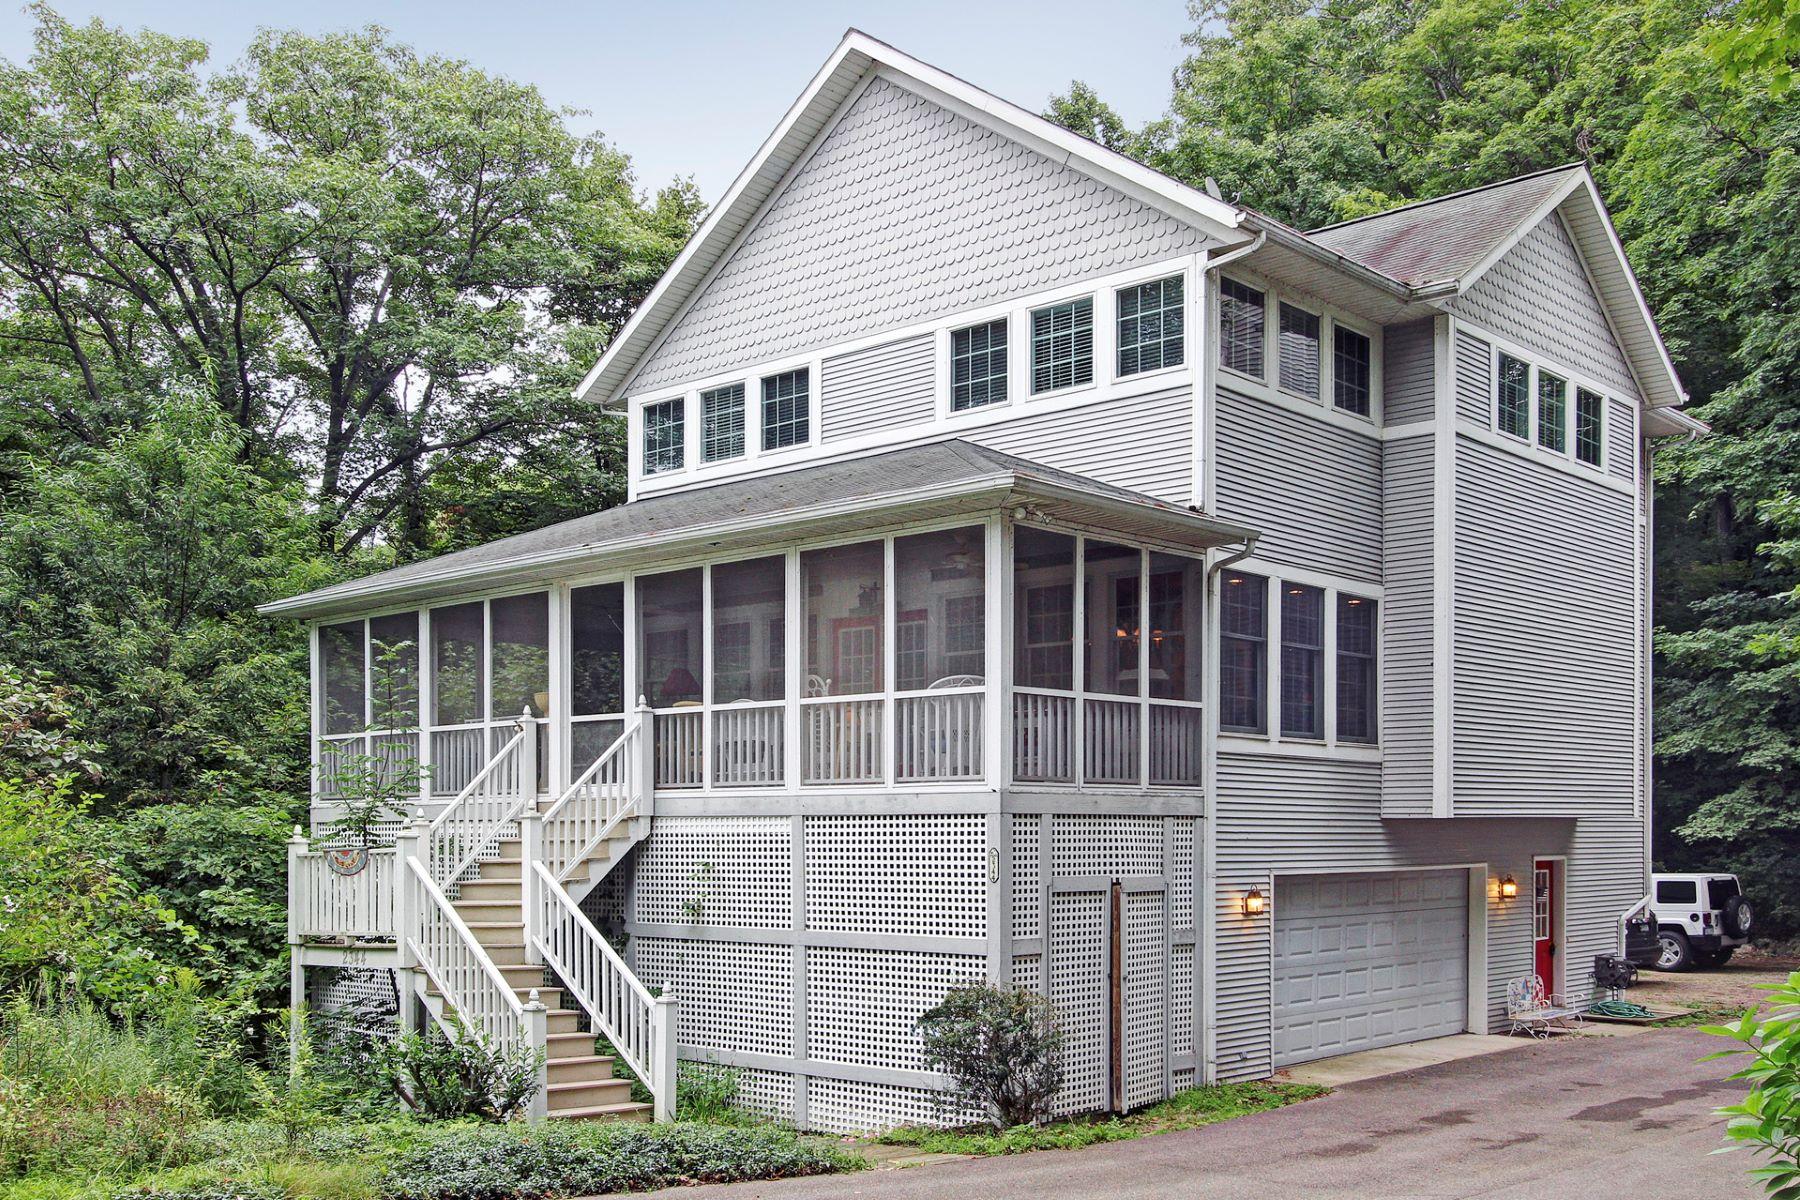 一戸建て のために 売買 アット Welcoming Beach Home 2344 Maksaba Trail Macatawa, ミシガン, 49434 アメリカ合衆国